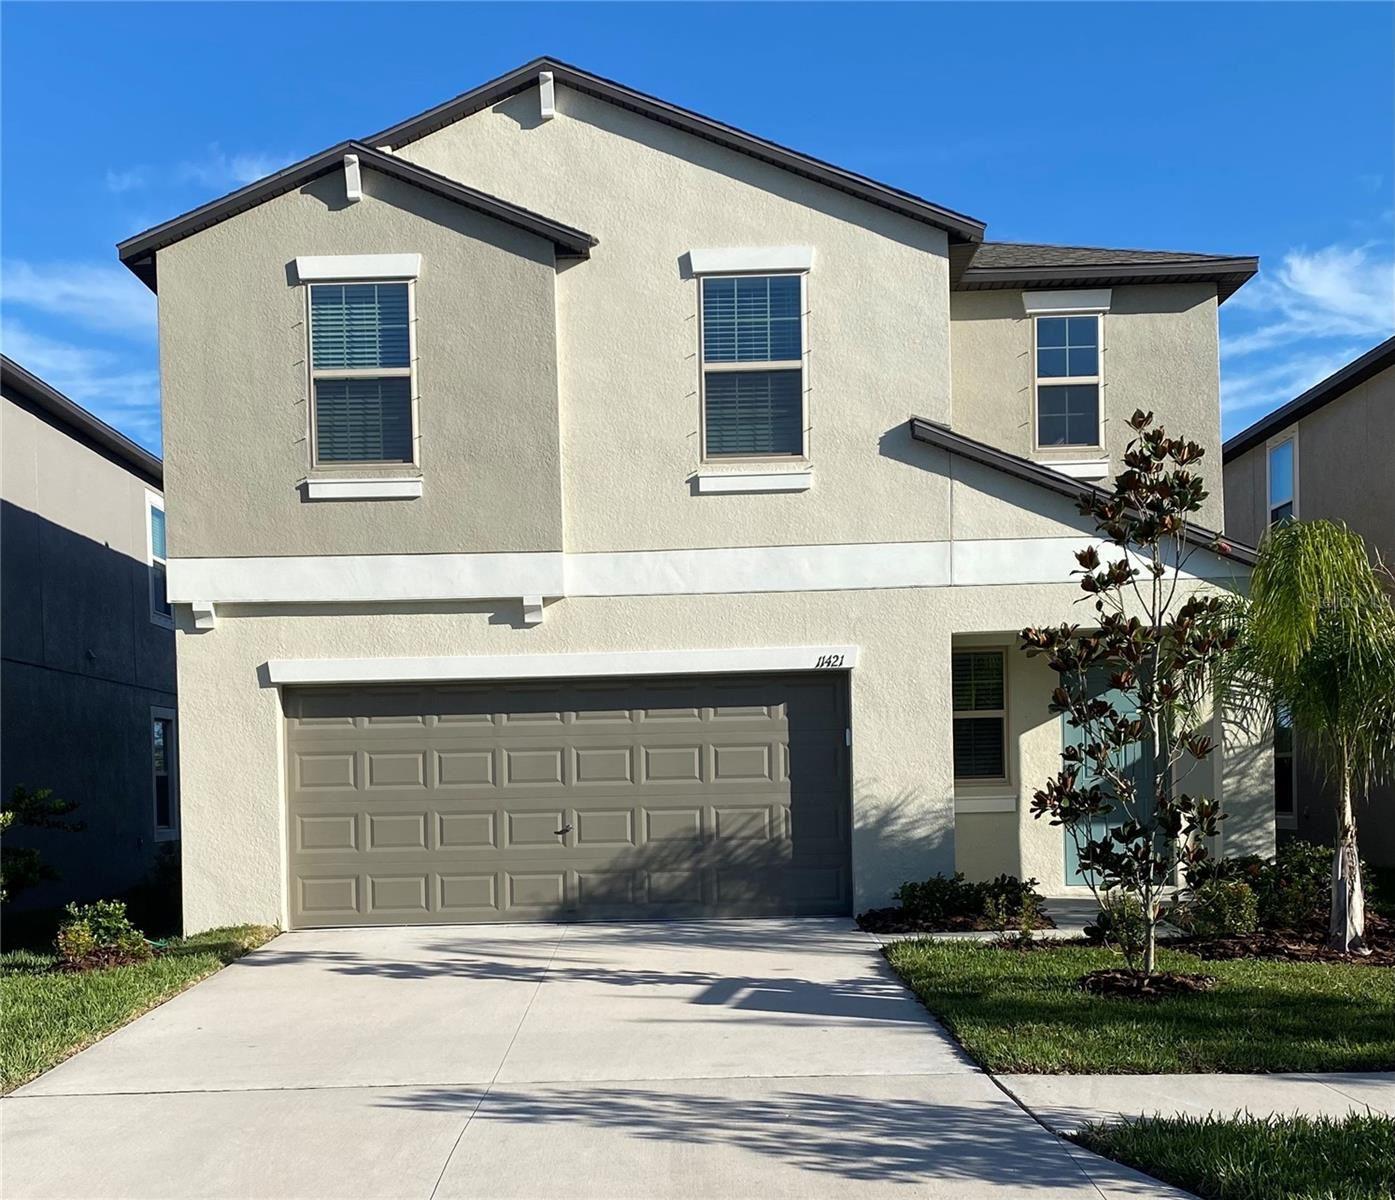 11421 SAGE CANYON DRIVE, Riverview, FL 33578 - MLS#: T3336277